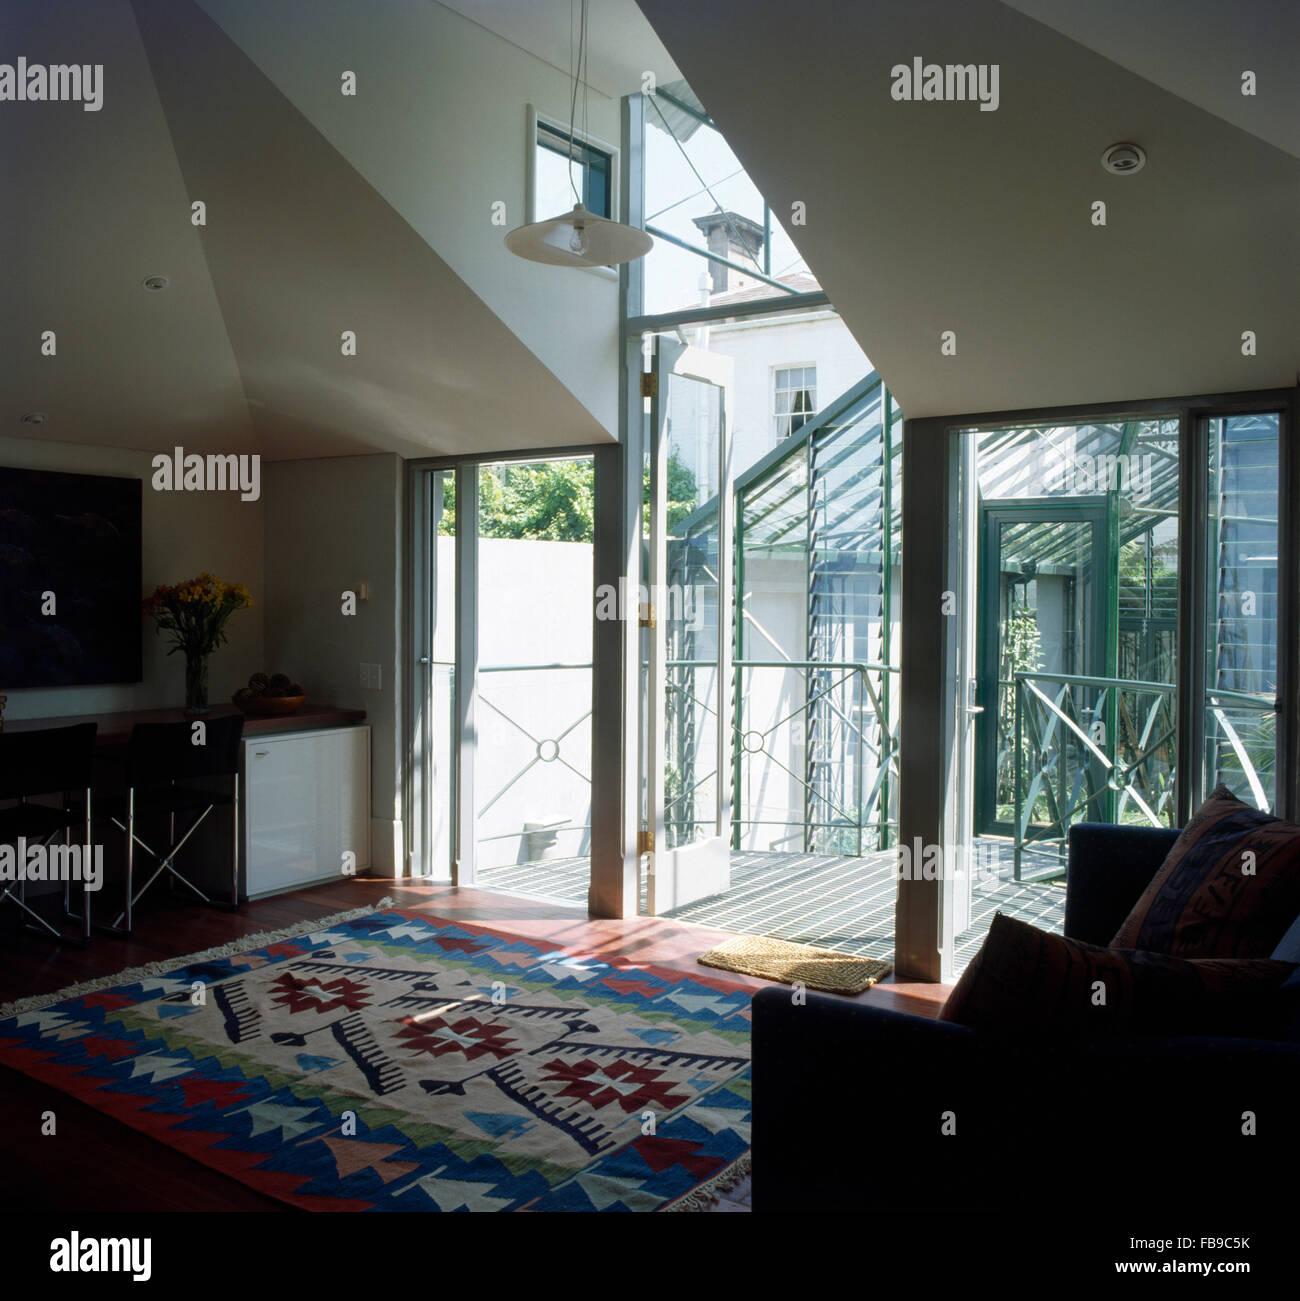 Perfekt Awesome Kelim Teppich Am Boden Im Wohnzimmer Mit Einer Glaswand With  Wohnzimmer Mit Glaswunde